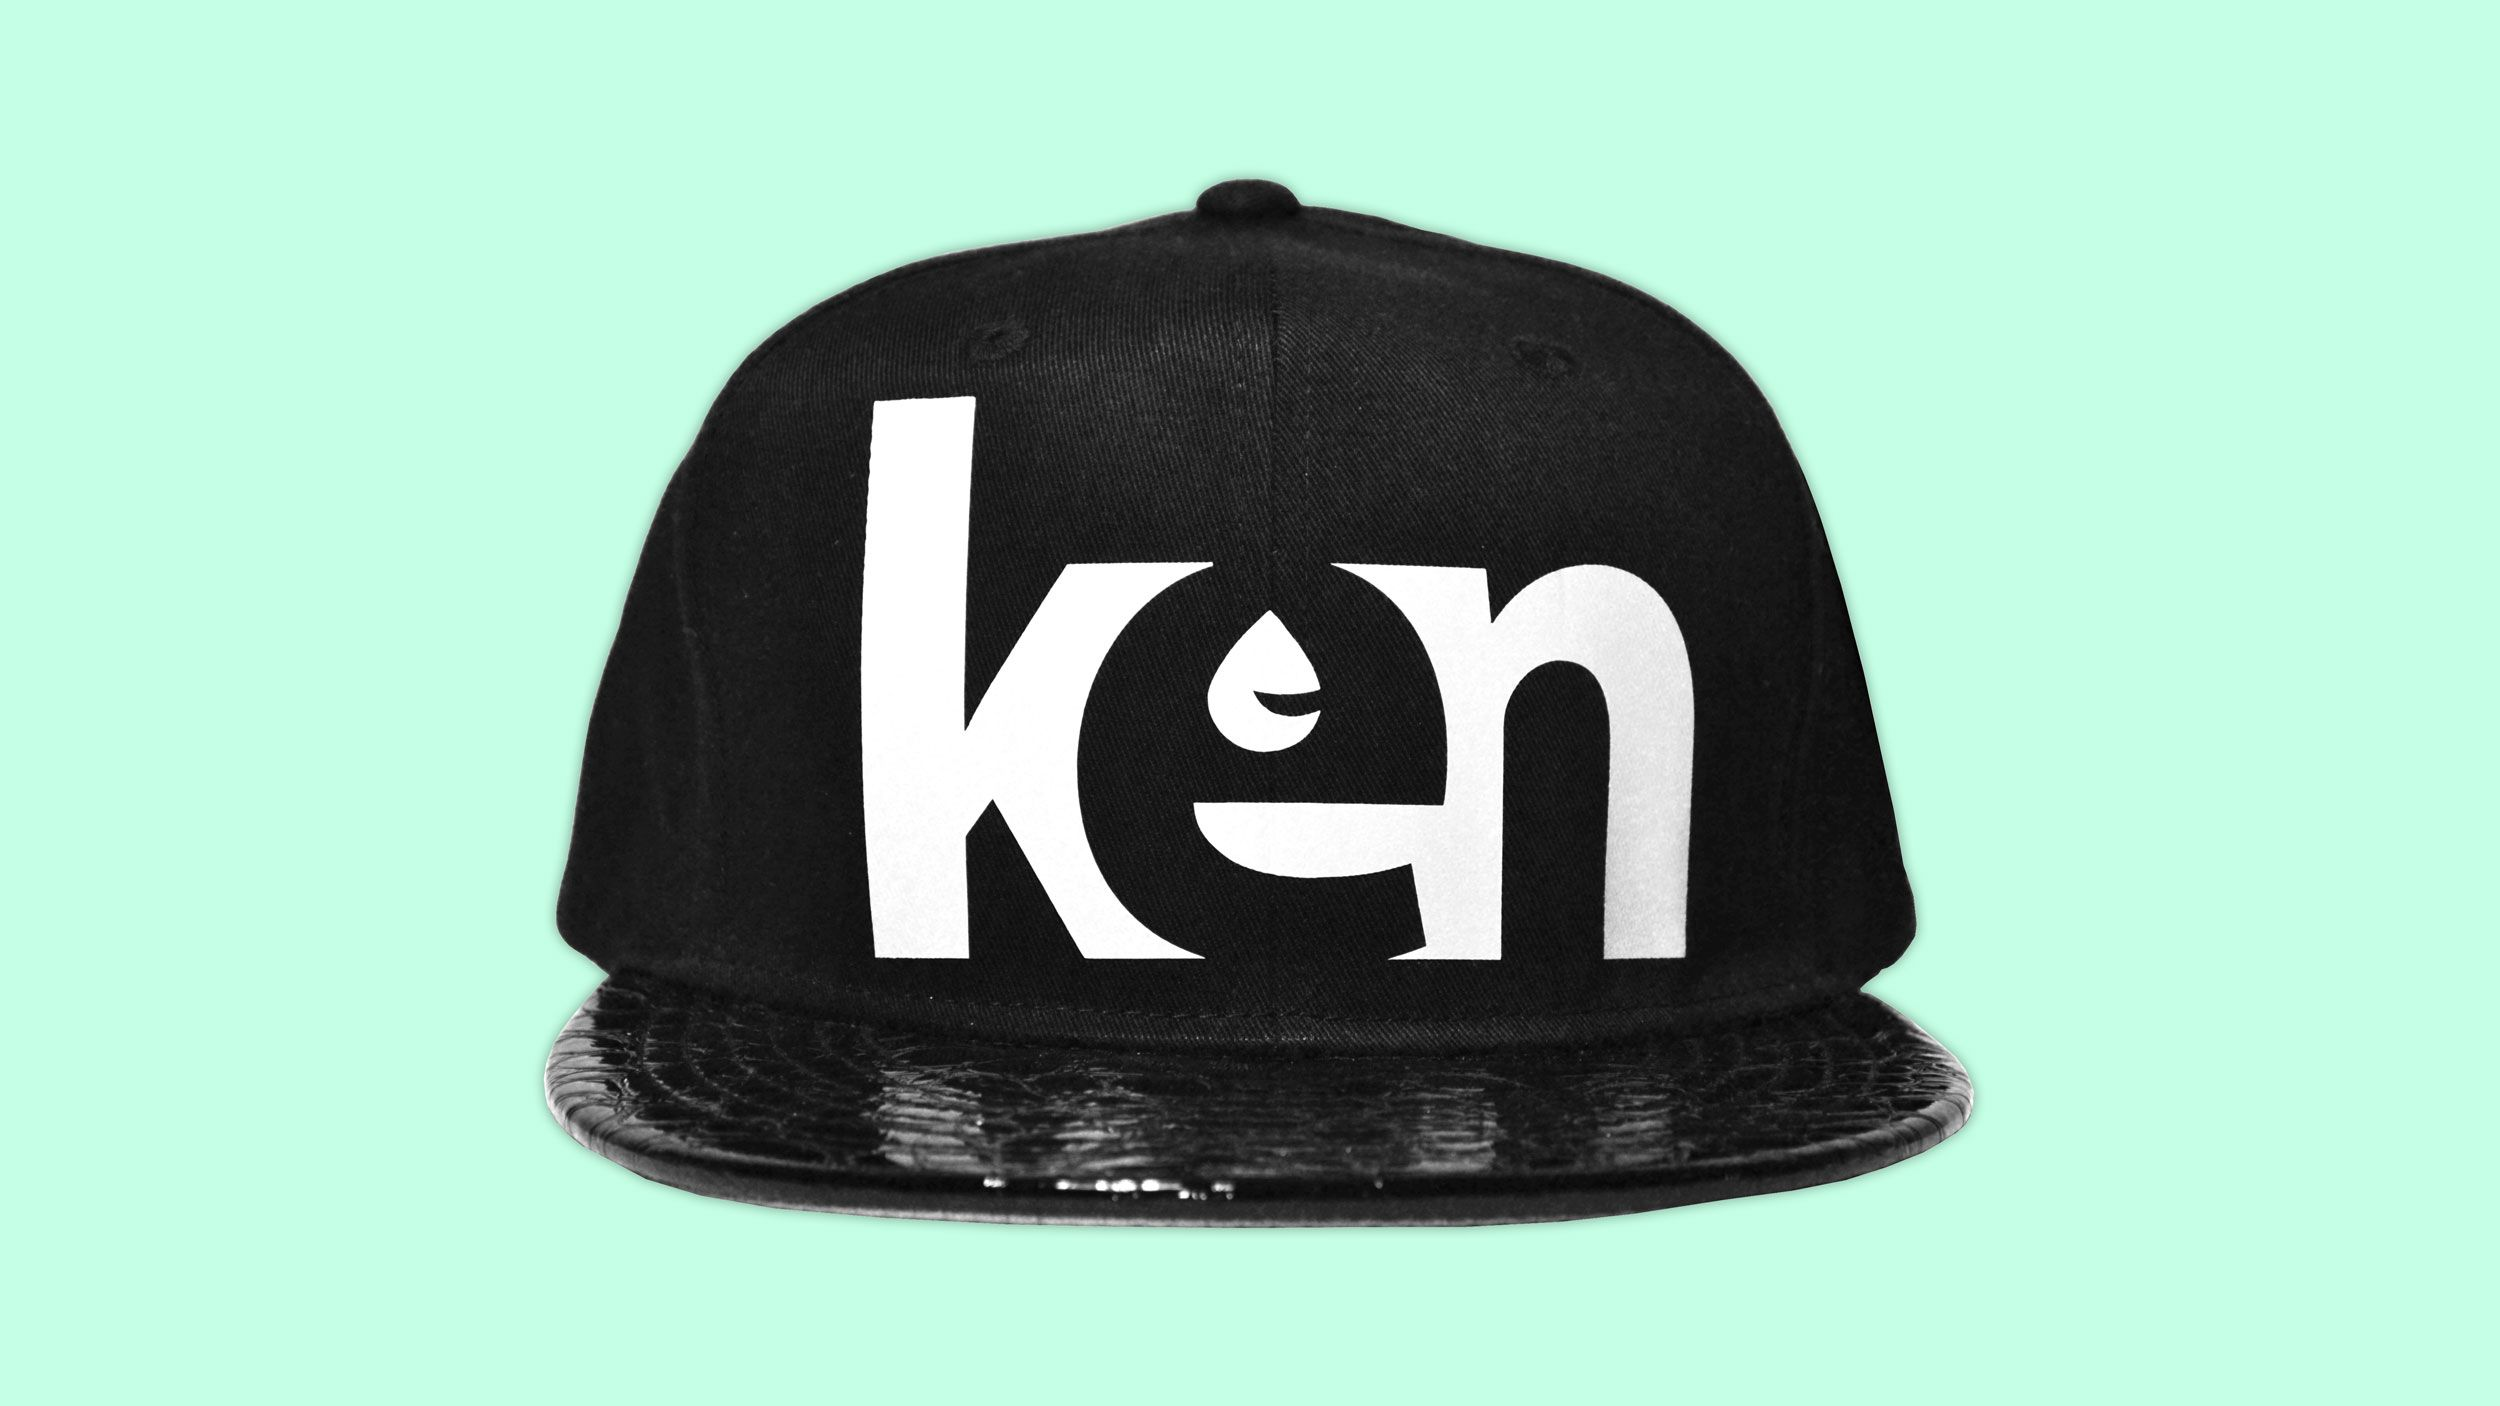 Ken theater, Pet met logo, Mixus studio